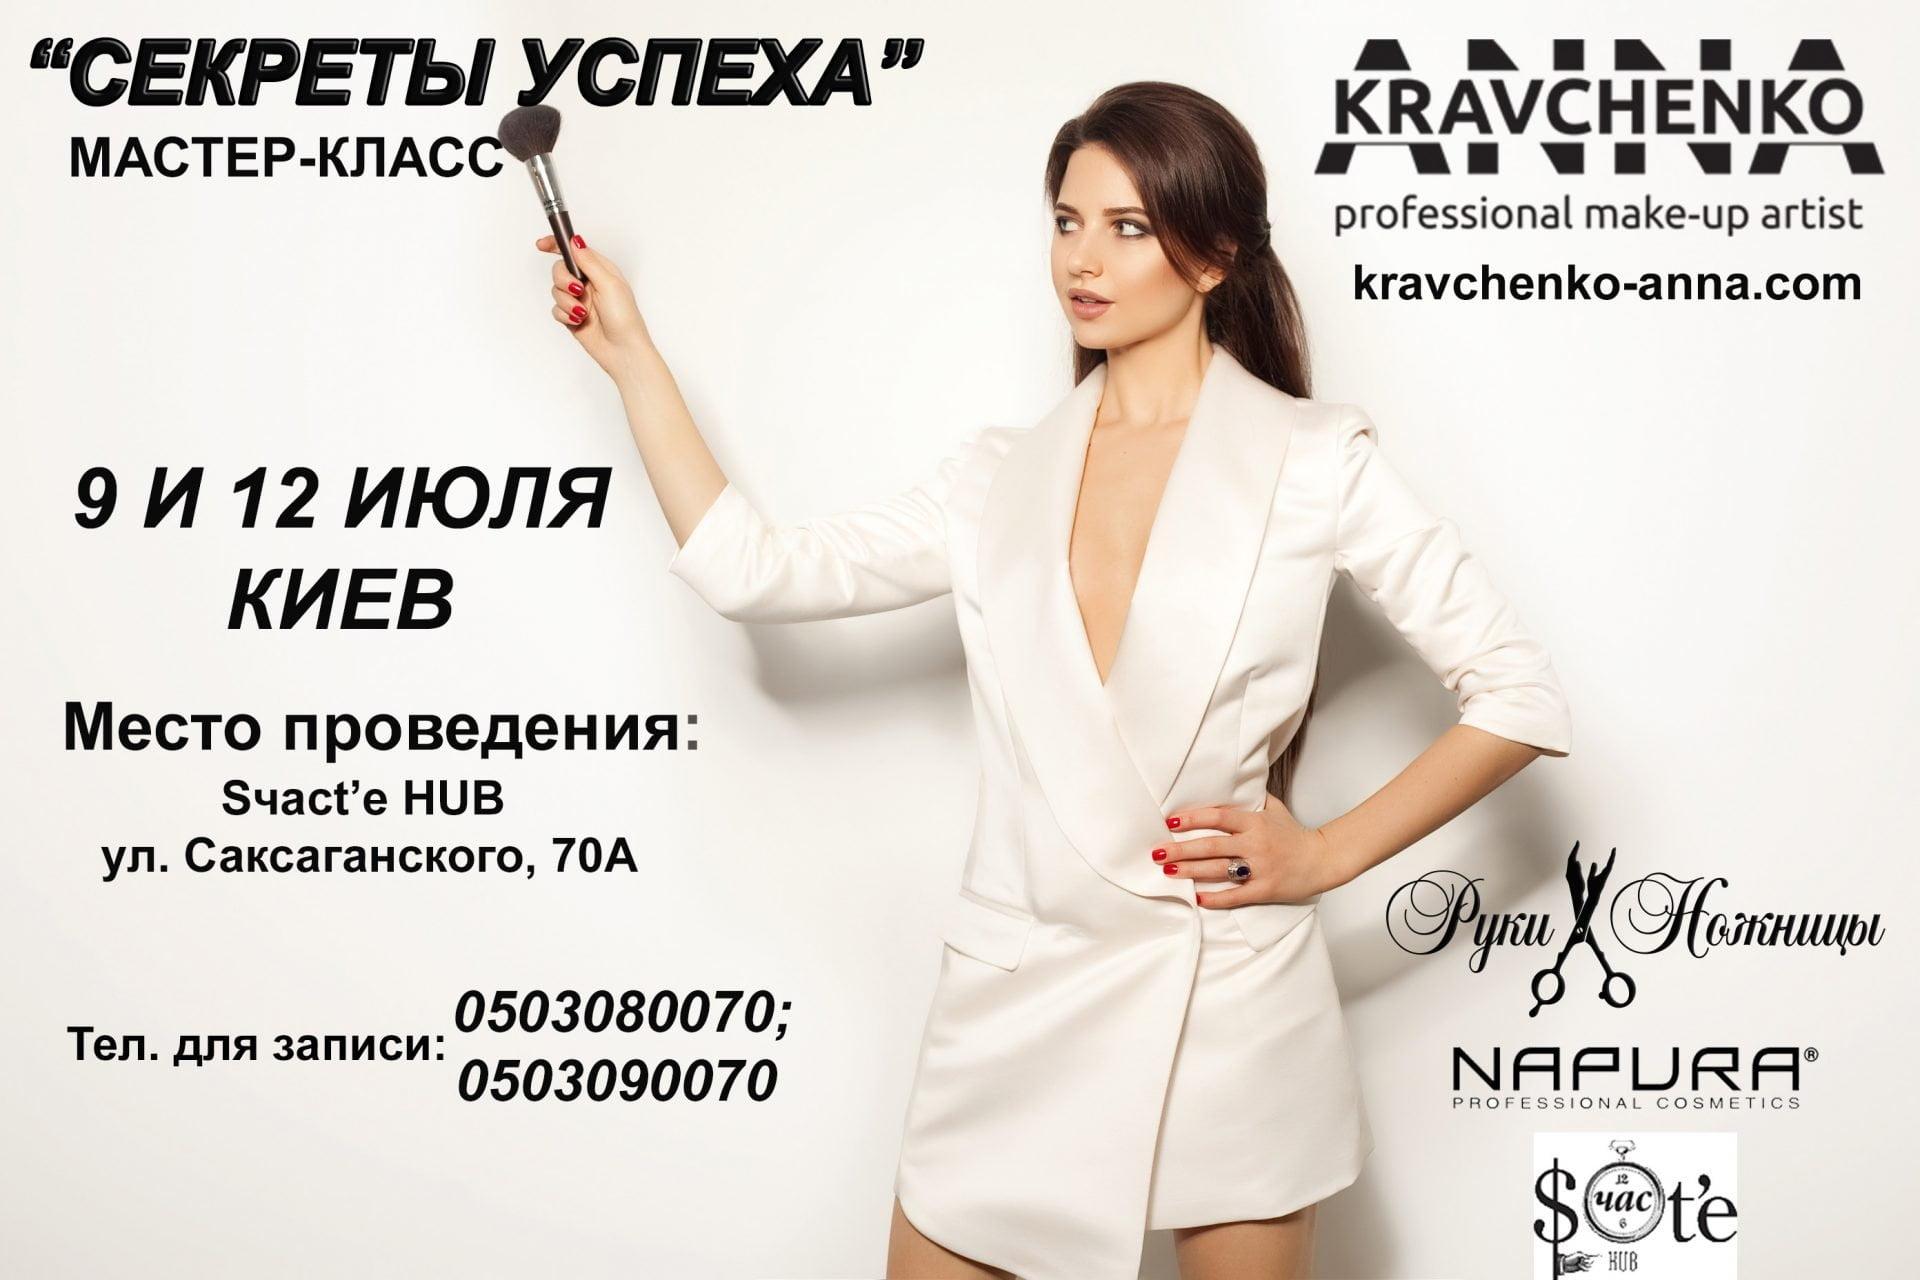 Мастер-класс Анны Кравченко «Секреты успеха»